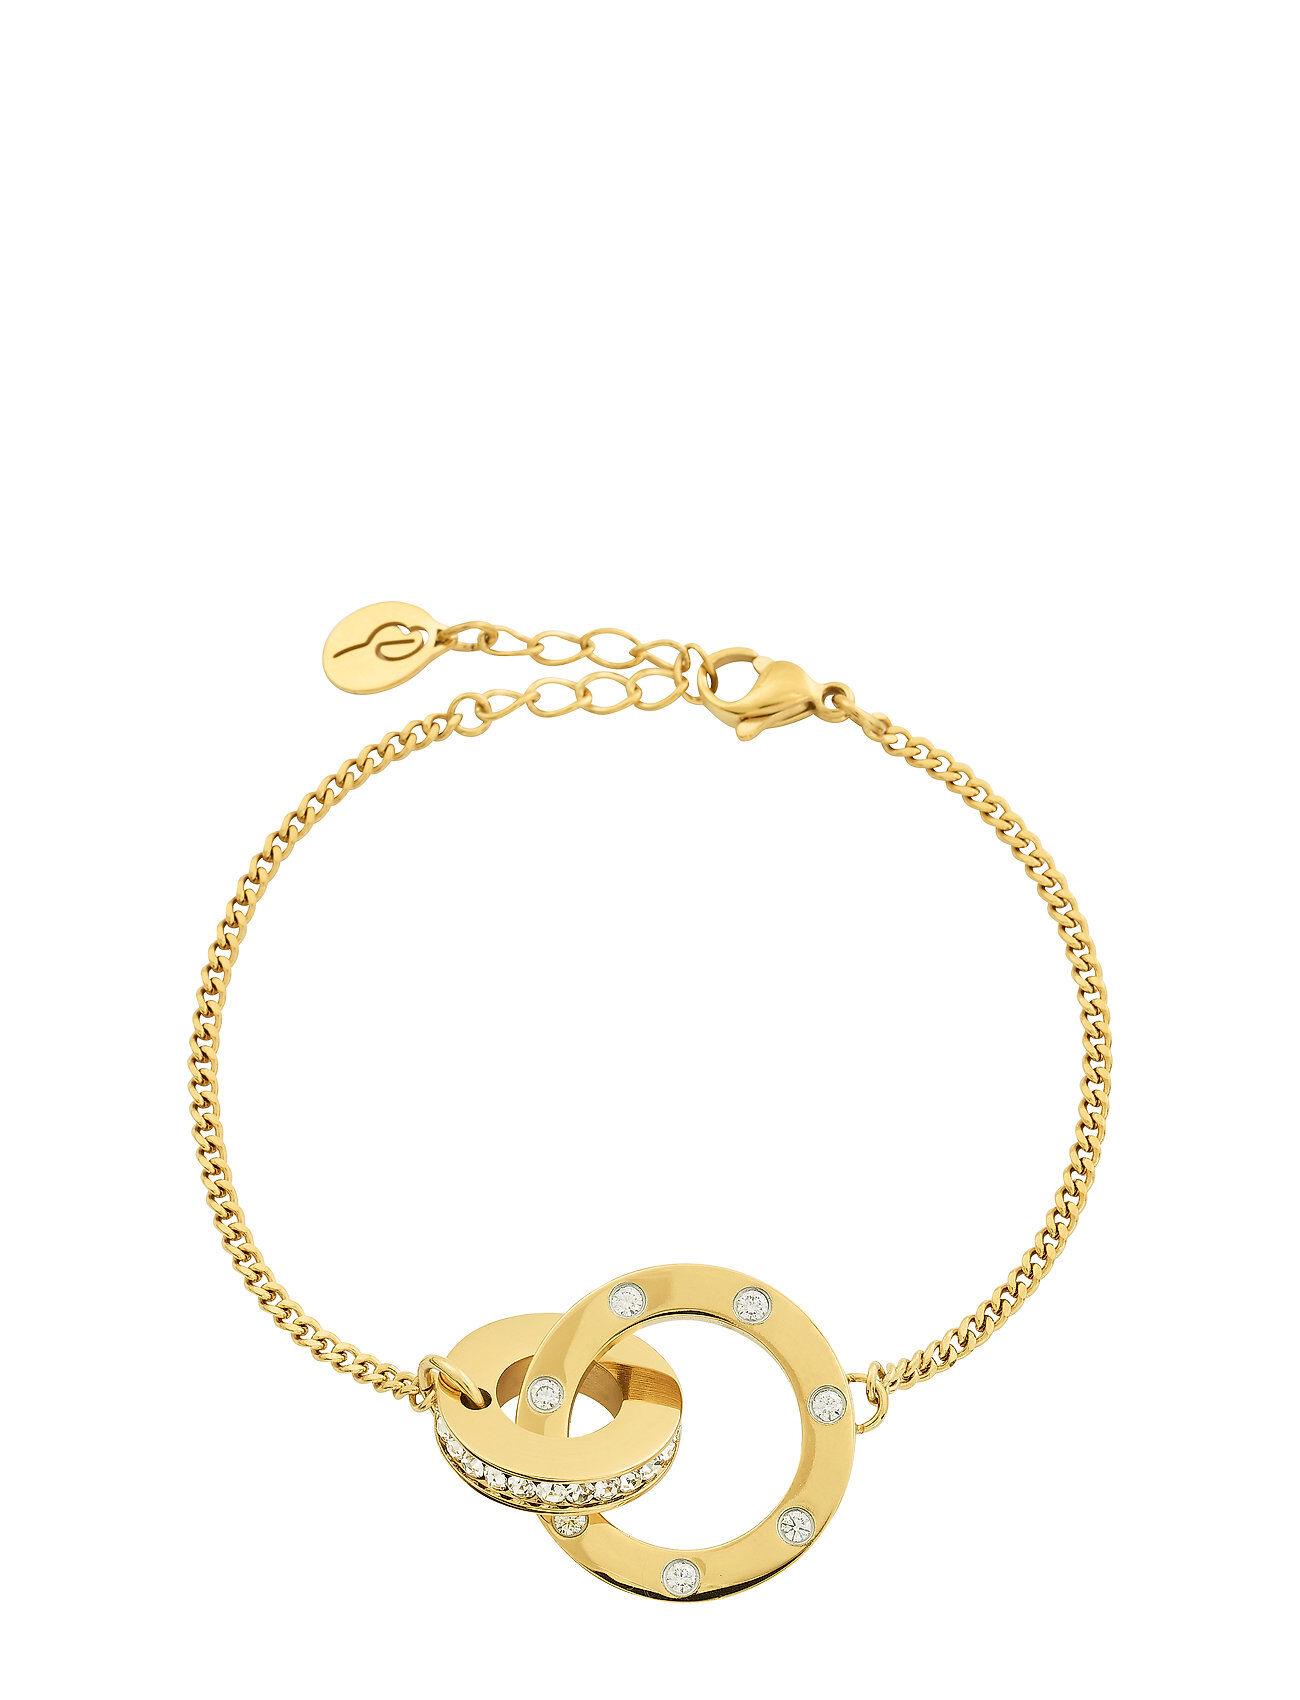 Edblad Ida Bracelet Accessories Jewellery Bracelets Chain Bracelets Kulta Edblad